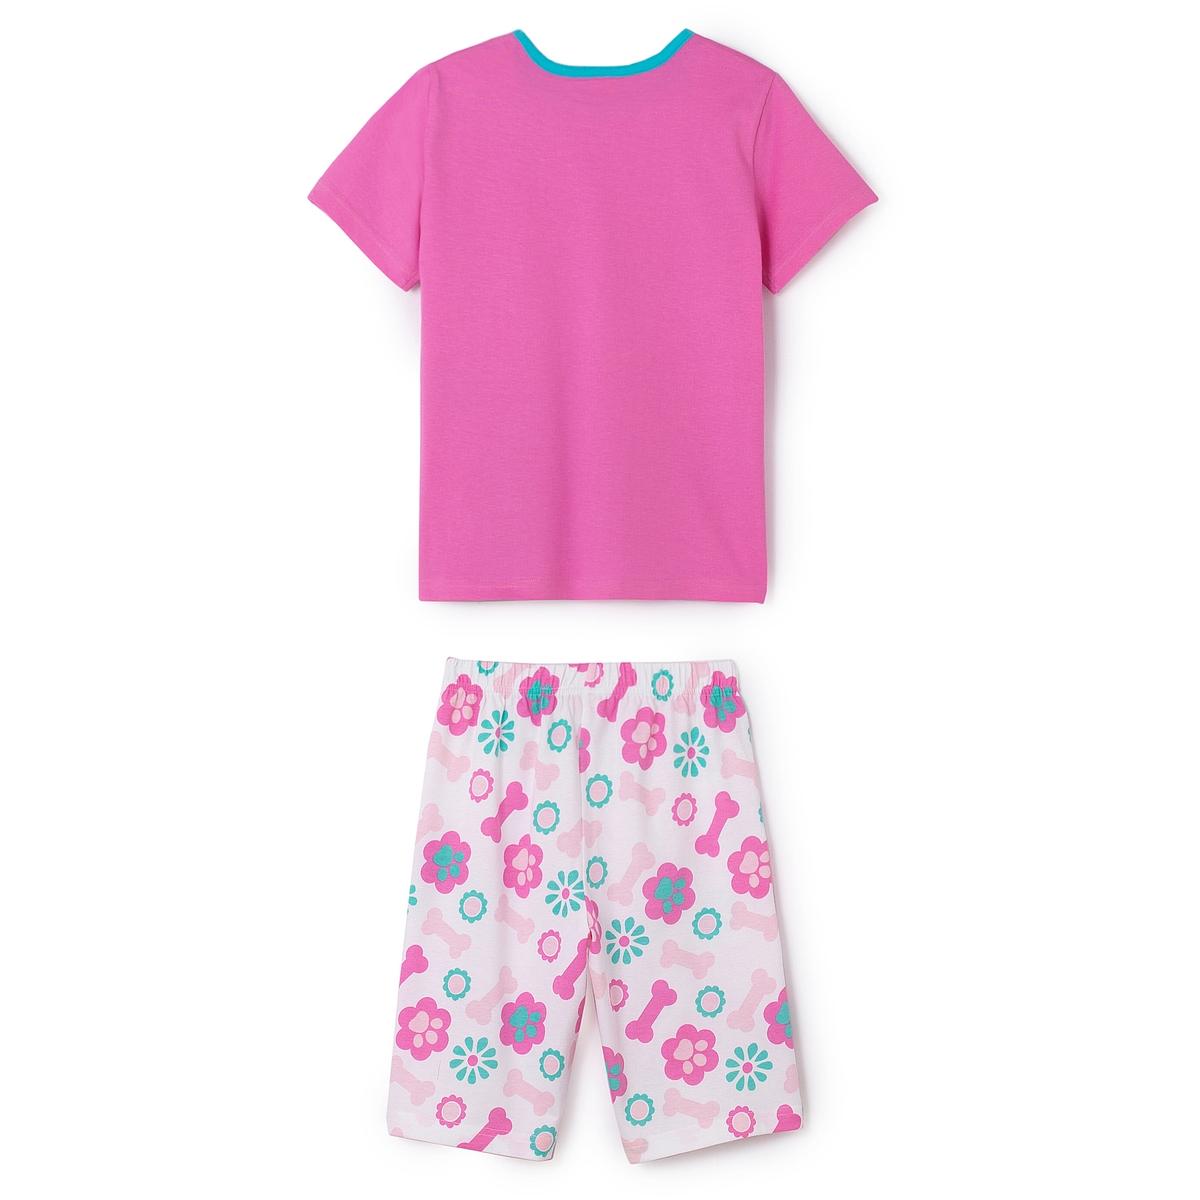 Пижама с шортами с рисунком для девочек, 2-8 летПижама с шортами для девочек PAT PATROUILLE. Футболка с круглым вырезом. Рисунок спереди. Шорты с эластичным поясом. Сплошной рисунок.                      Состав и описание                      Материал       100% хлопок           Марка       PAT PATROUILLE                                  Уход           Стирать и гладить с изнаночной стороны           Машинная стирка при 30 °C в умеренном режиме с вещами схожих цветов           Машинная сушка в умеренном режиме           Гладить при низкой температуре<br><br>Цвет: розовый + рисунок<br>Размер: 2 года - 86 см.4 года - 102 см.6 лет - 114 см